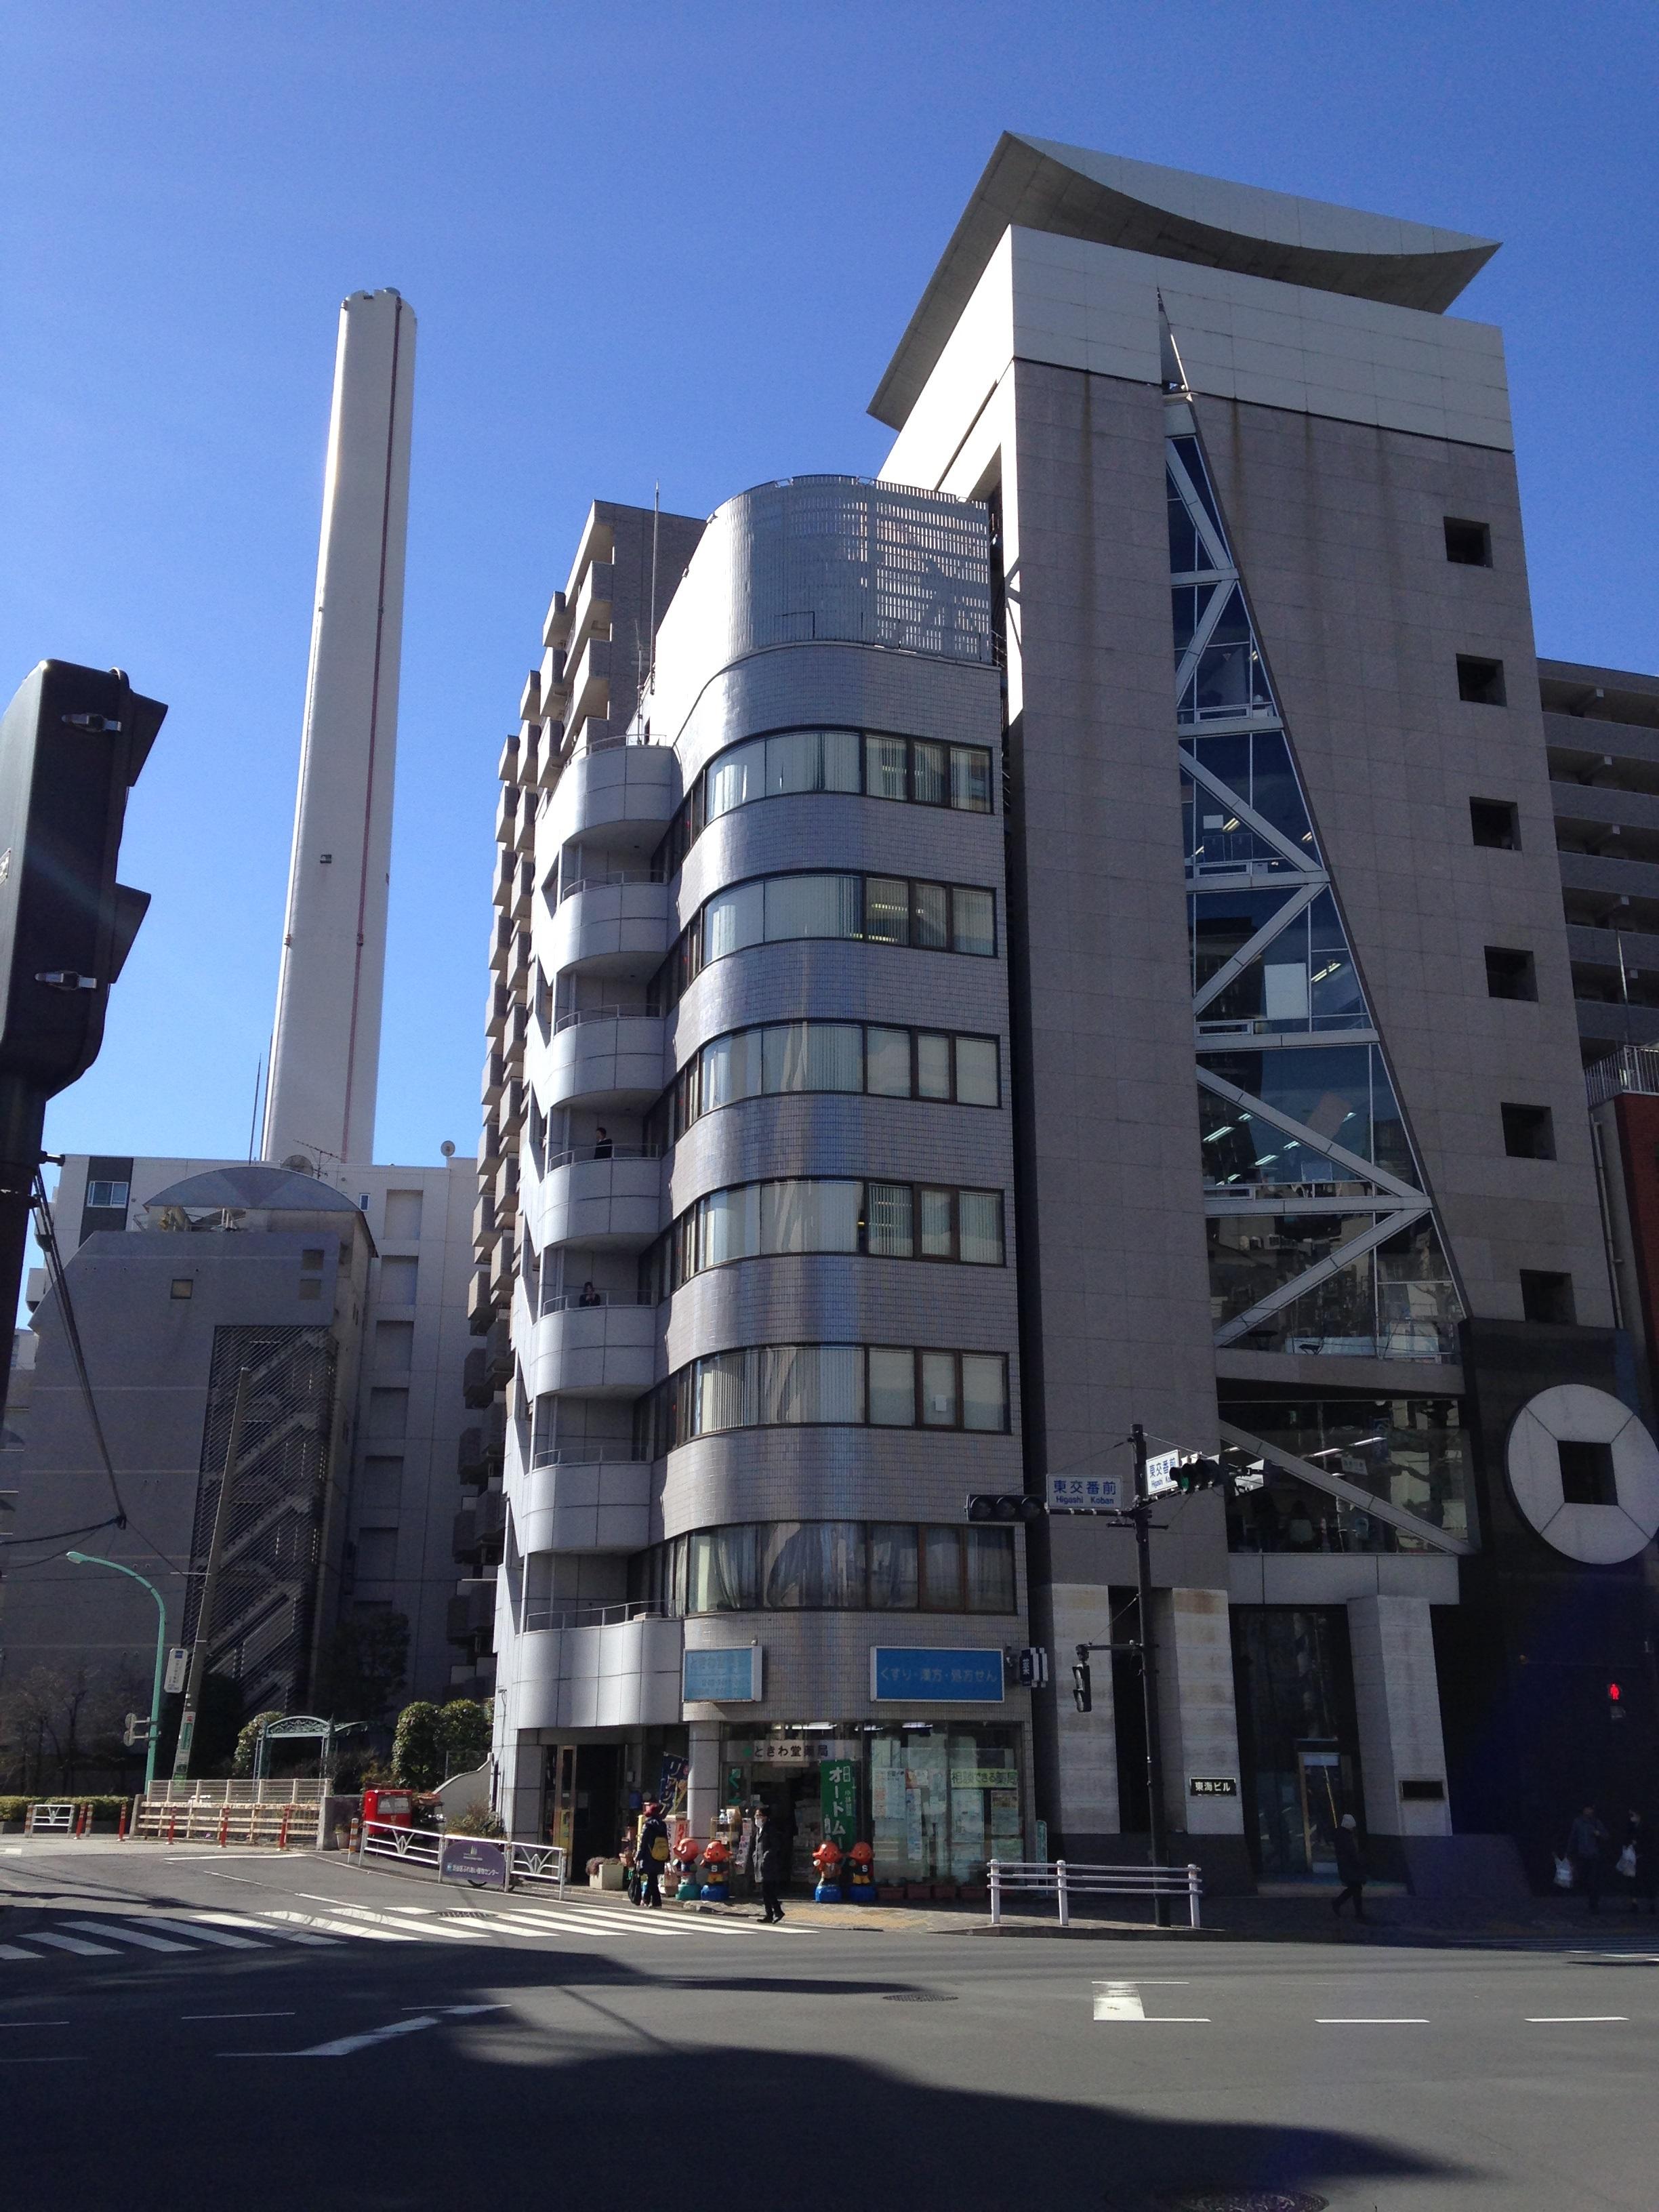 渋谷TYビル、東京都渋谷区東1-27-10、渋谷駅 徒歩8分恵比寿駅 徒歩9分